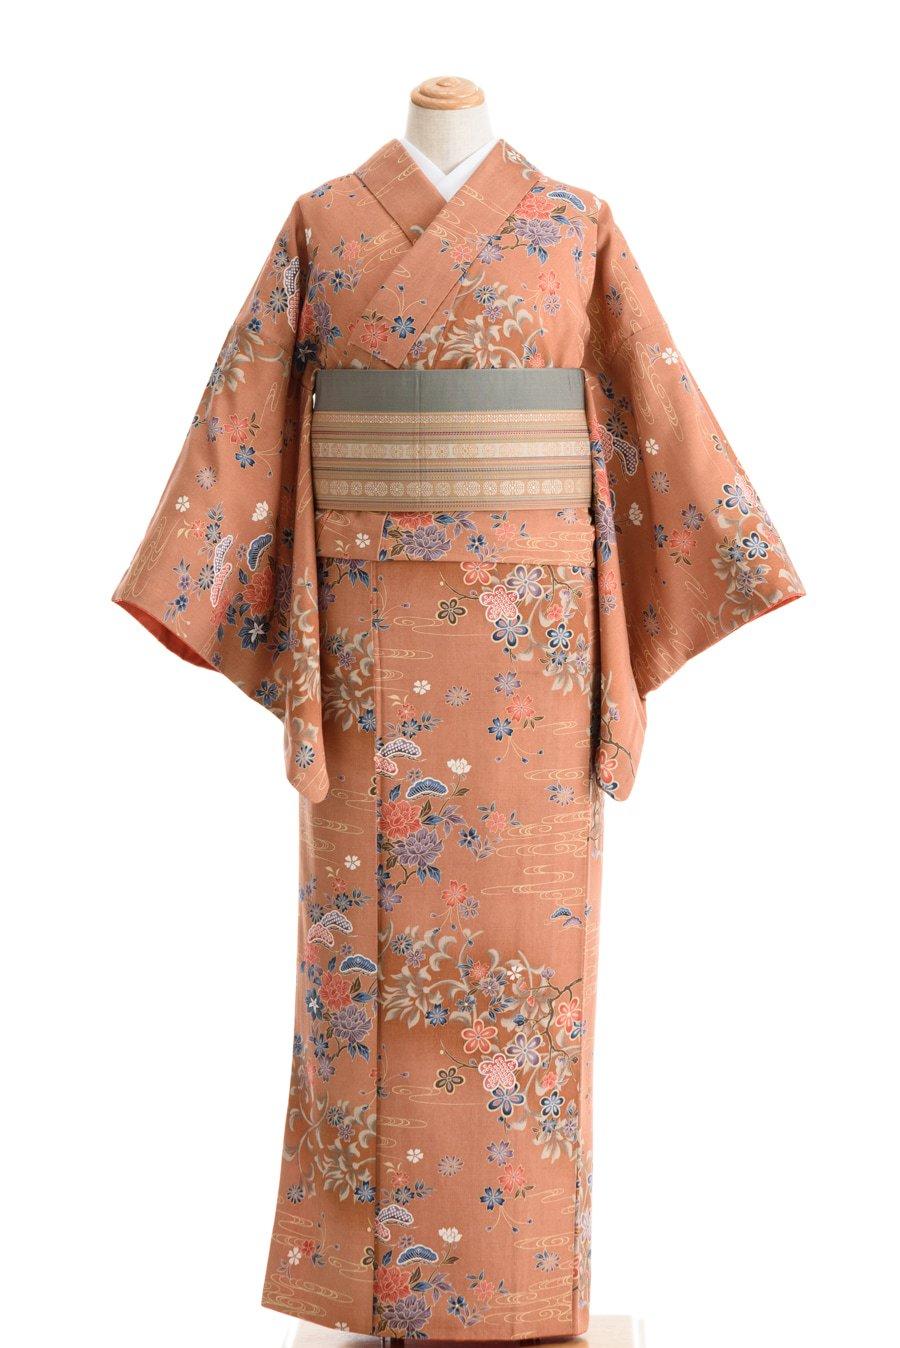 「染紬 キャラメル色に花と流水」の商品画像